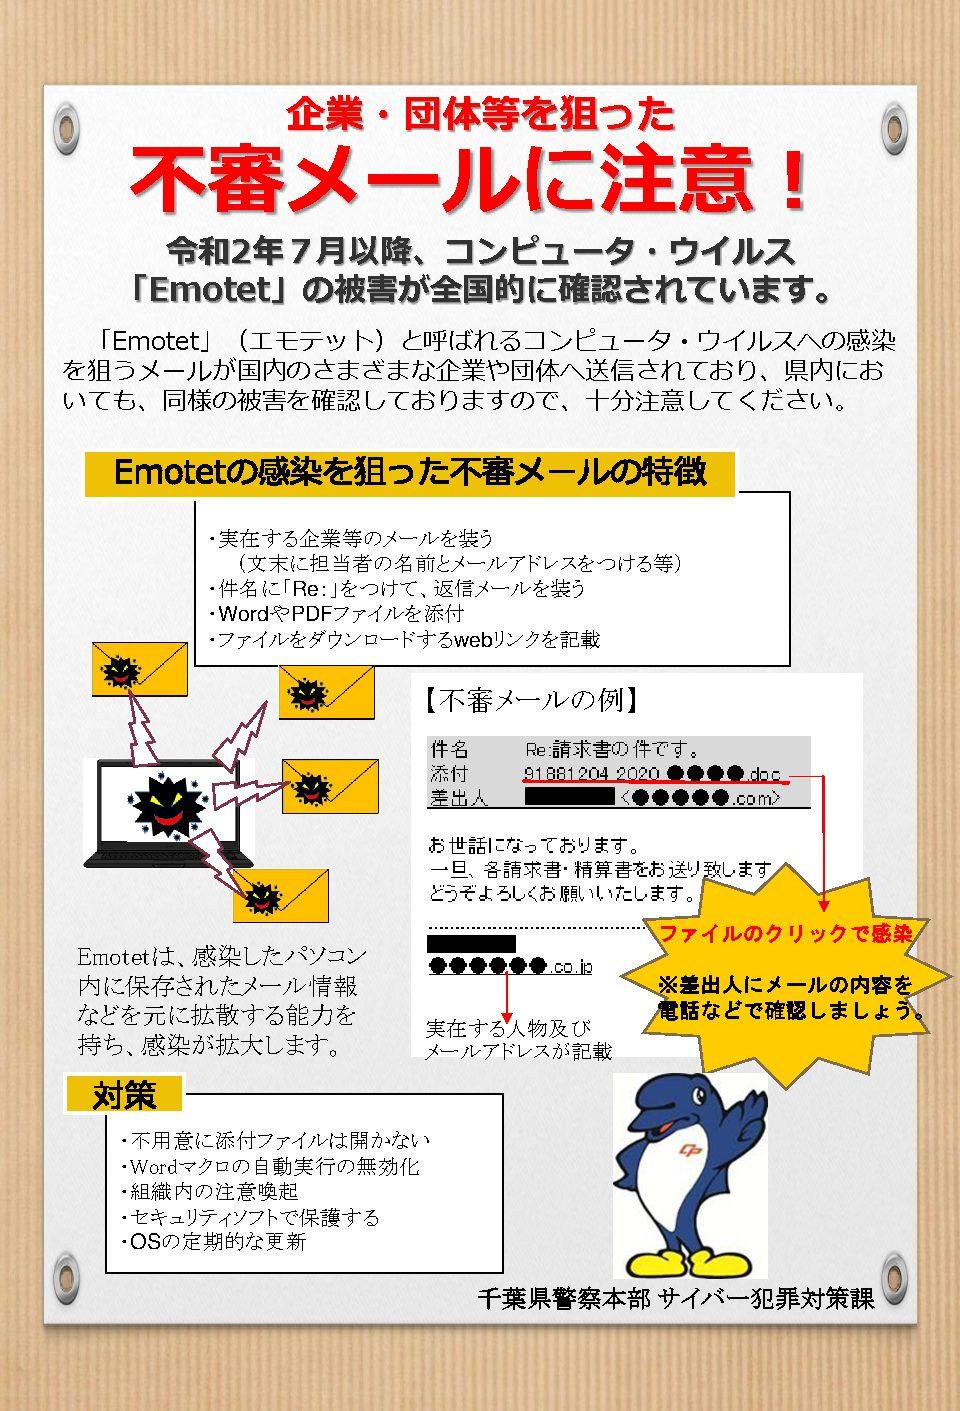 千葉県警より 企業・団体等を狙った「不審メールに注意!」